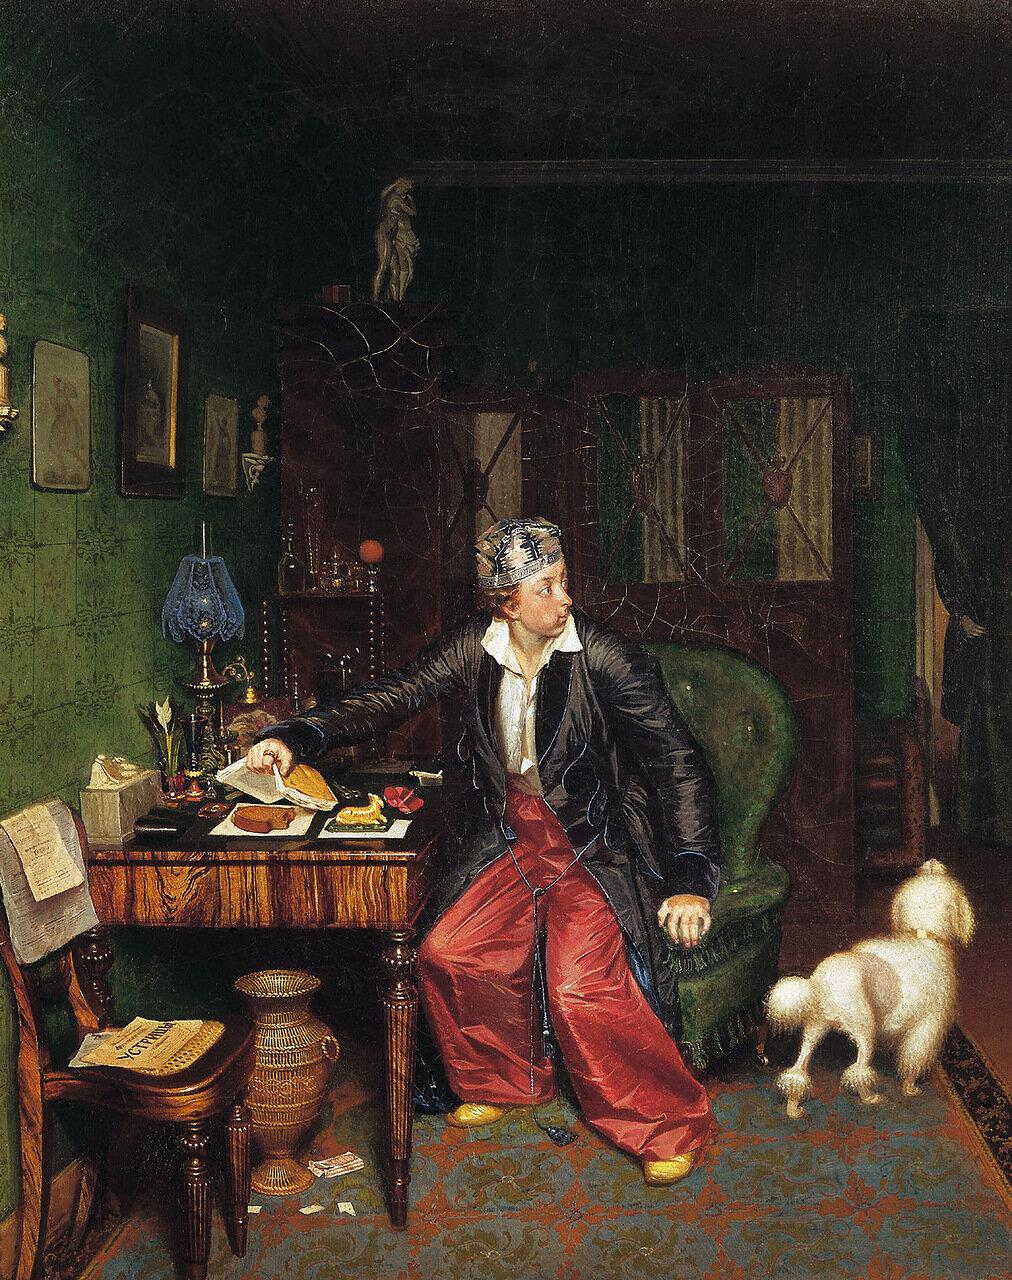 Завтрак аристократа. 1848. Холст, масло. 51х42 см.jpg